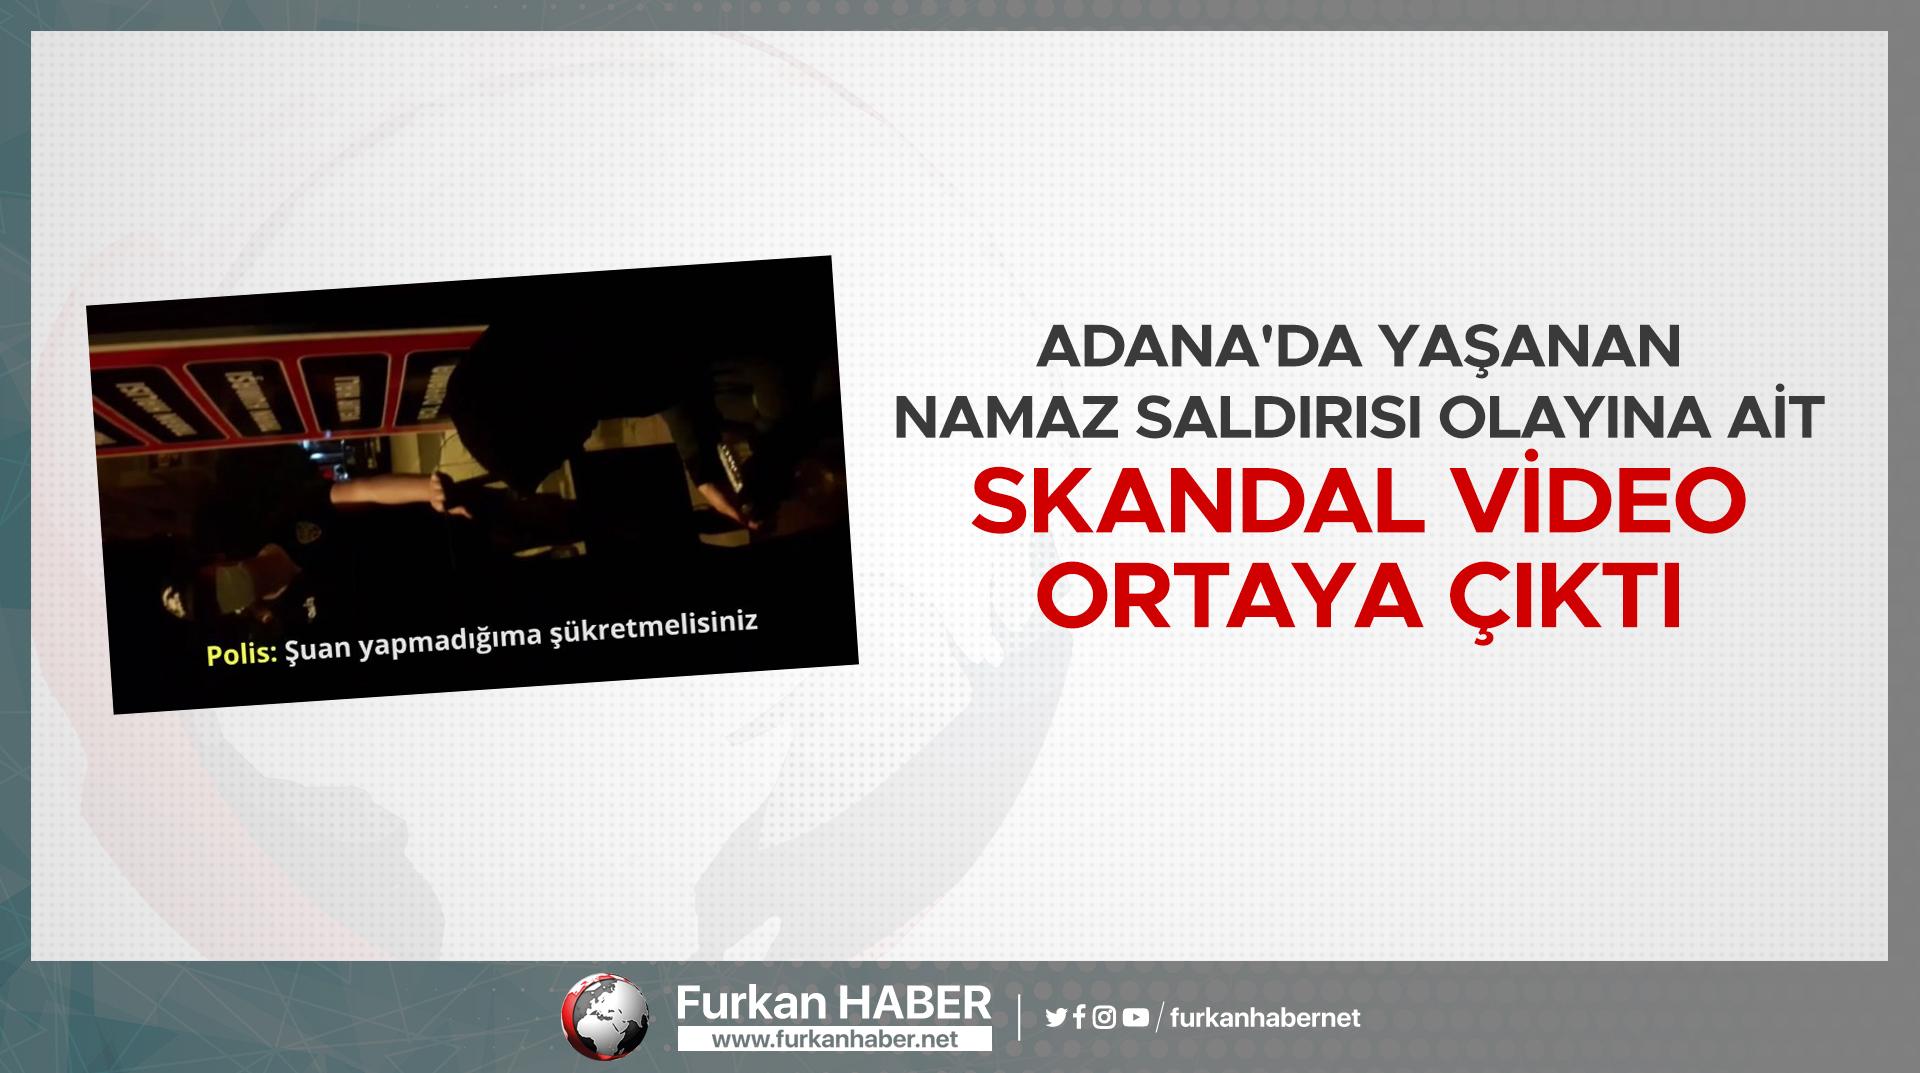 Adana'da yaşanan namaz saldırısı olayına ait skandal video ortaya çıktı